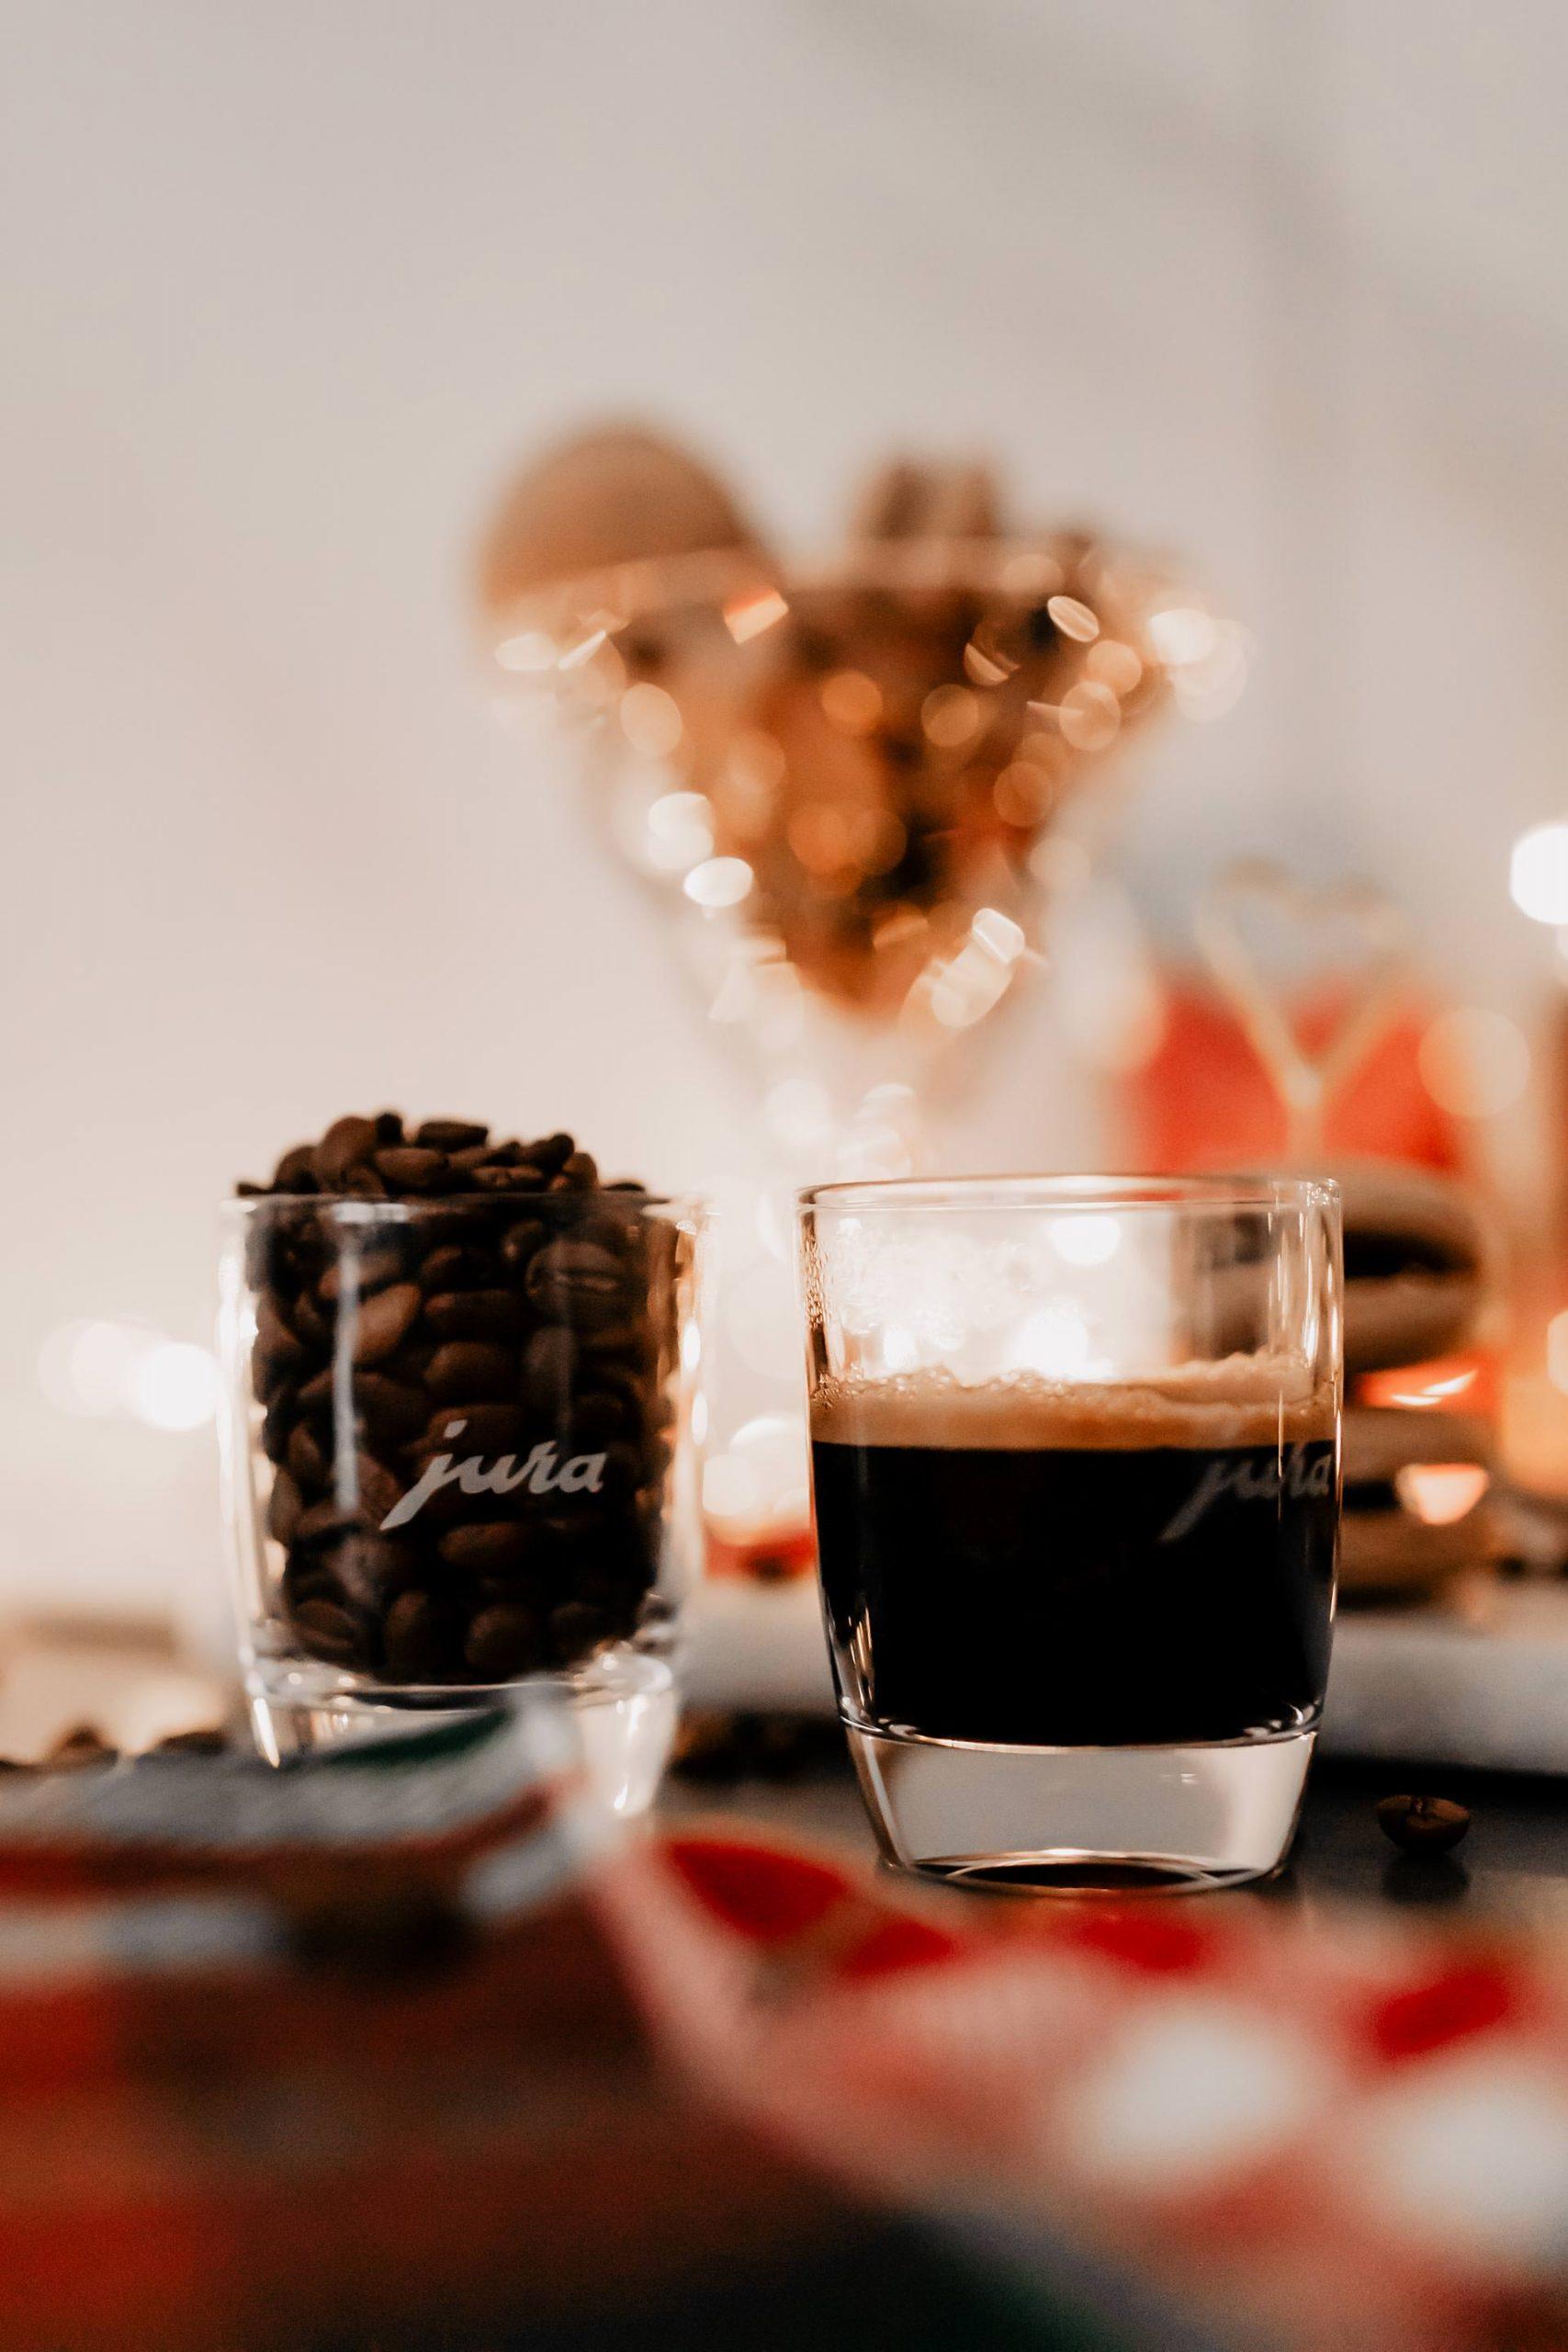 Anzeige/Gewinnspiel. Ein Rezept für Coffee-Junkies findest du jetzt am Foodblog! So einfach kannst du Kaffee-Macarons selber machen! Außerdem wartet ein tolles Gewinnspiel auf dich. www.whoismocca.com #macarons #rezept #weihnachten